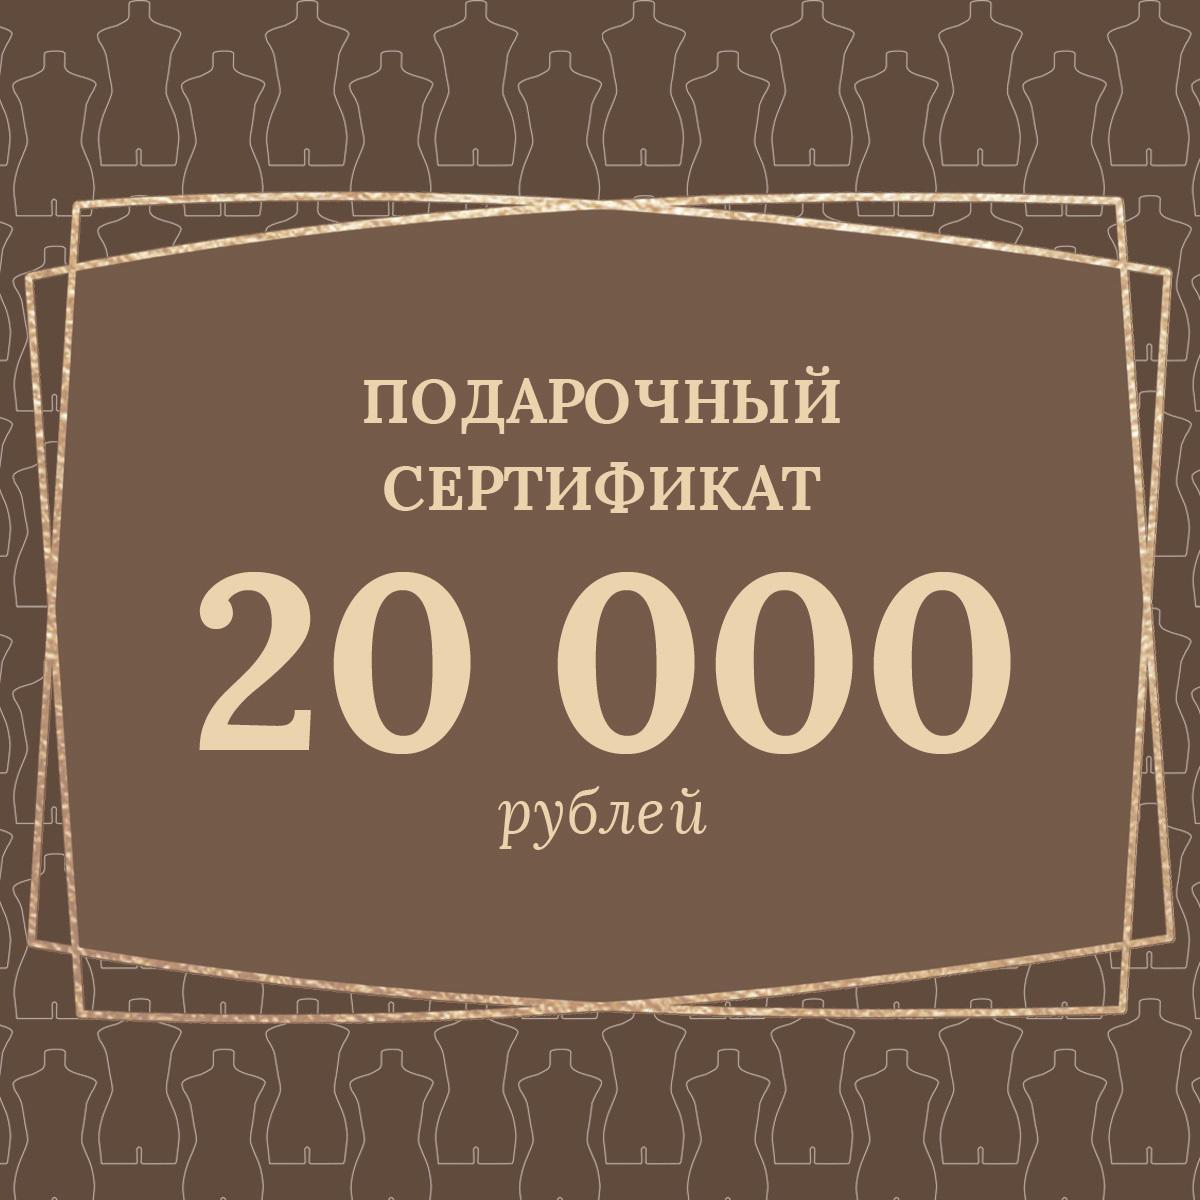 Электронный подарочный сертификат на 20 000 руб.